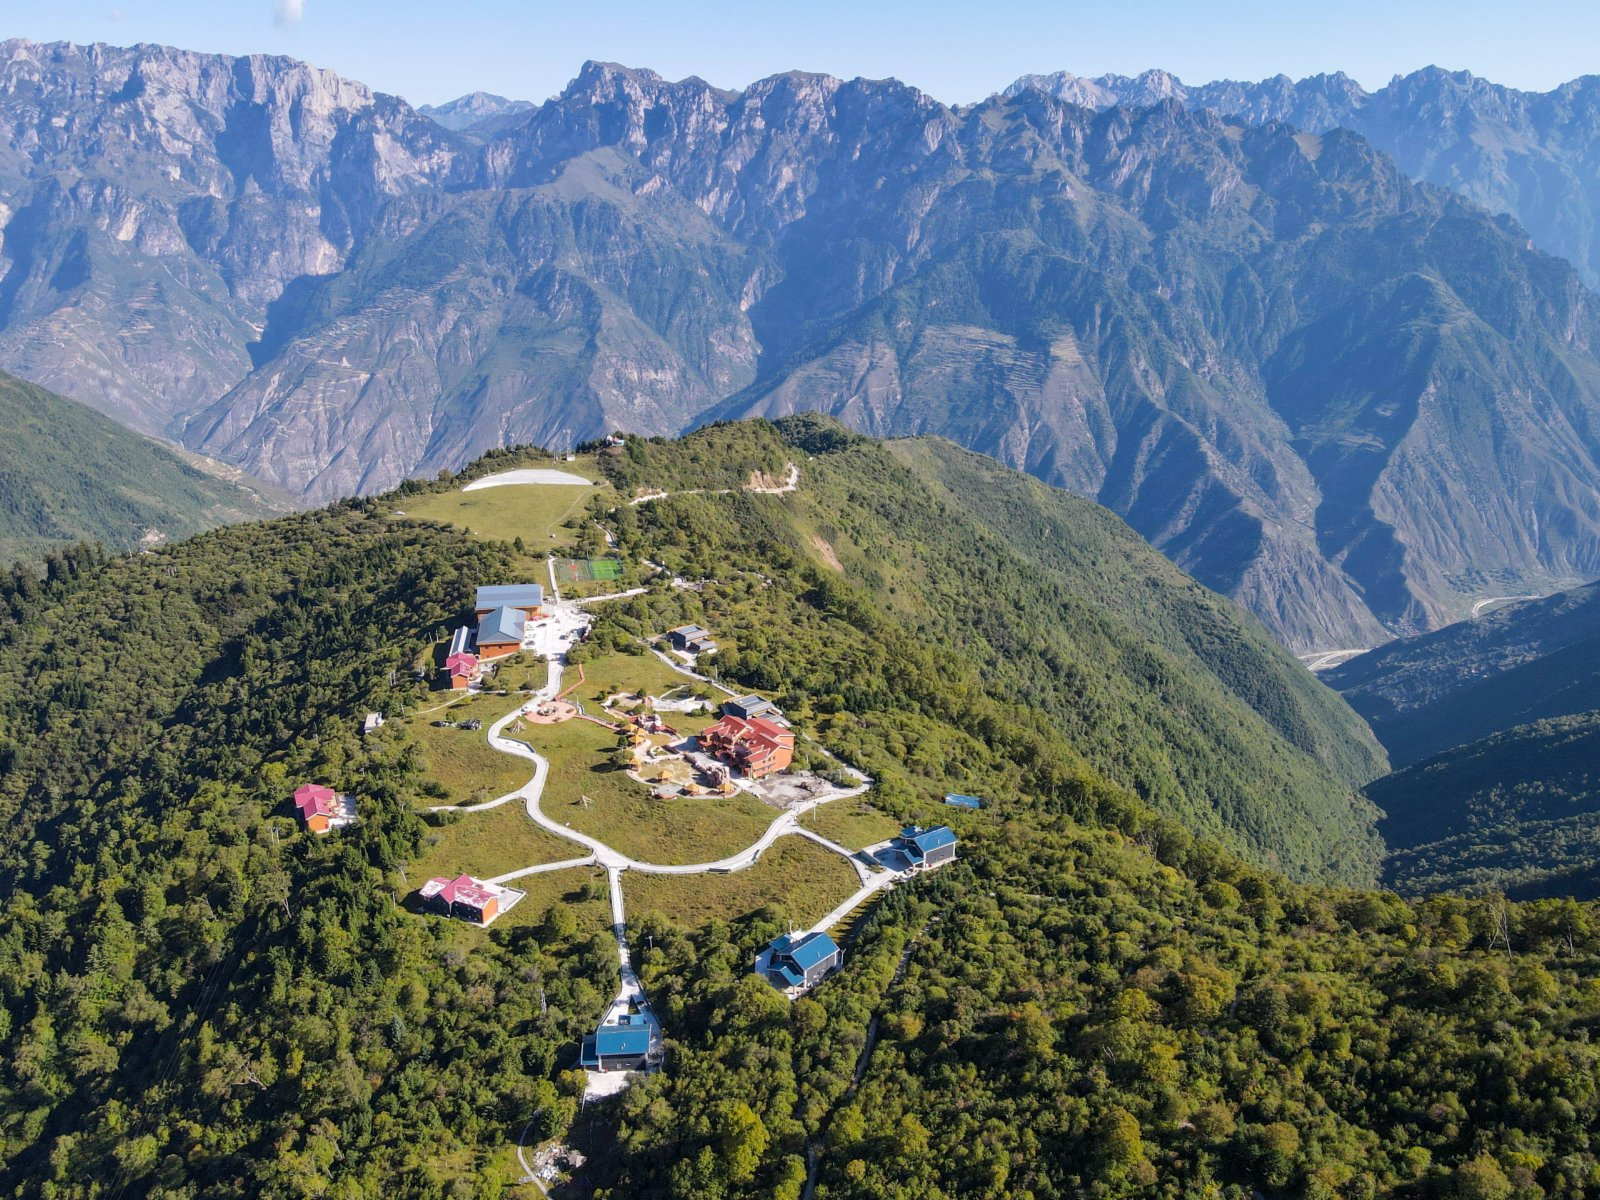 拉尕山景區內的遊客服務中心和民宿。(新華社)